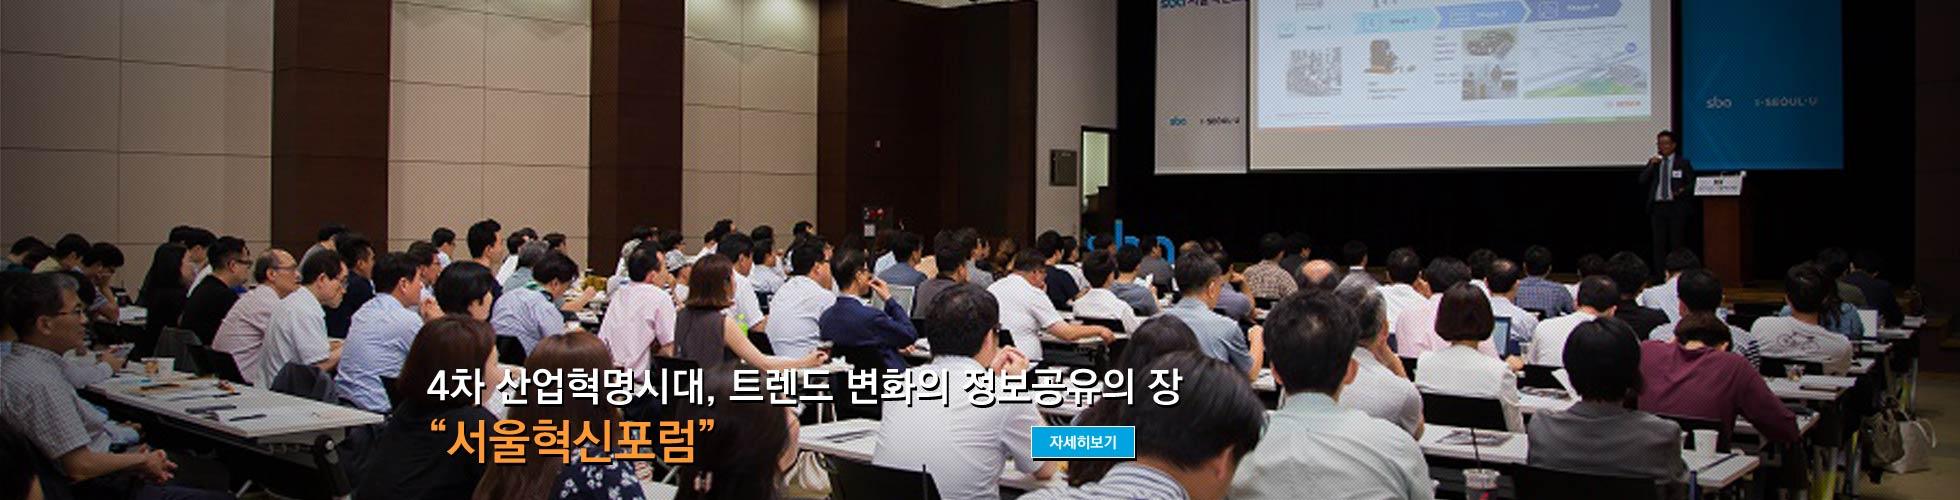 4차 산업혁명시대, 트렌드 변화의 정보공유의 장/서울혁신포럼